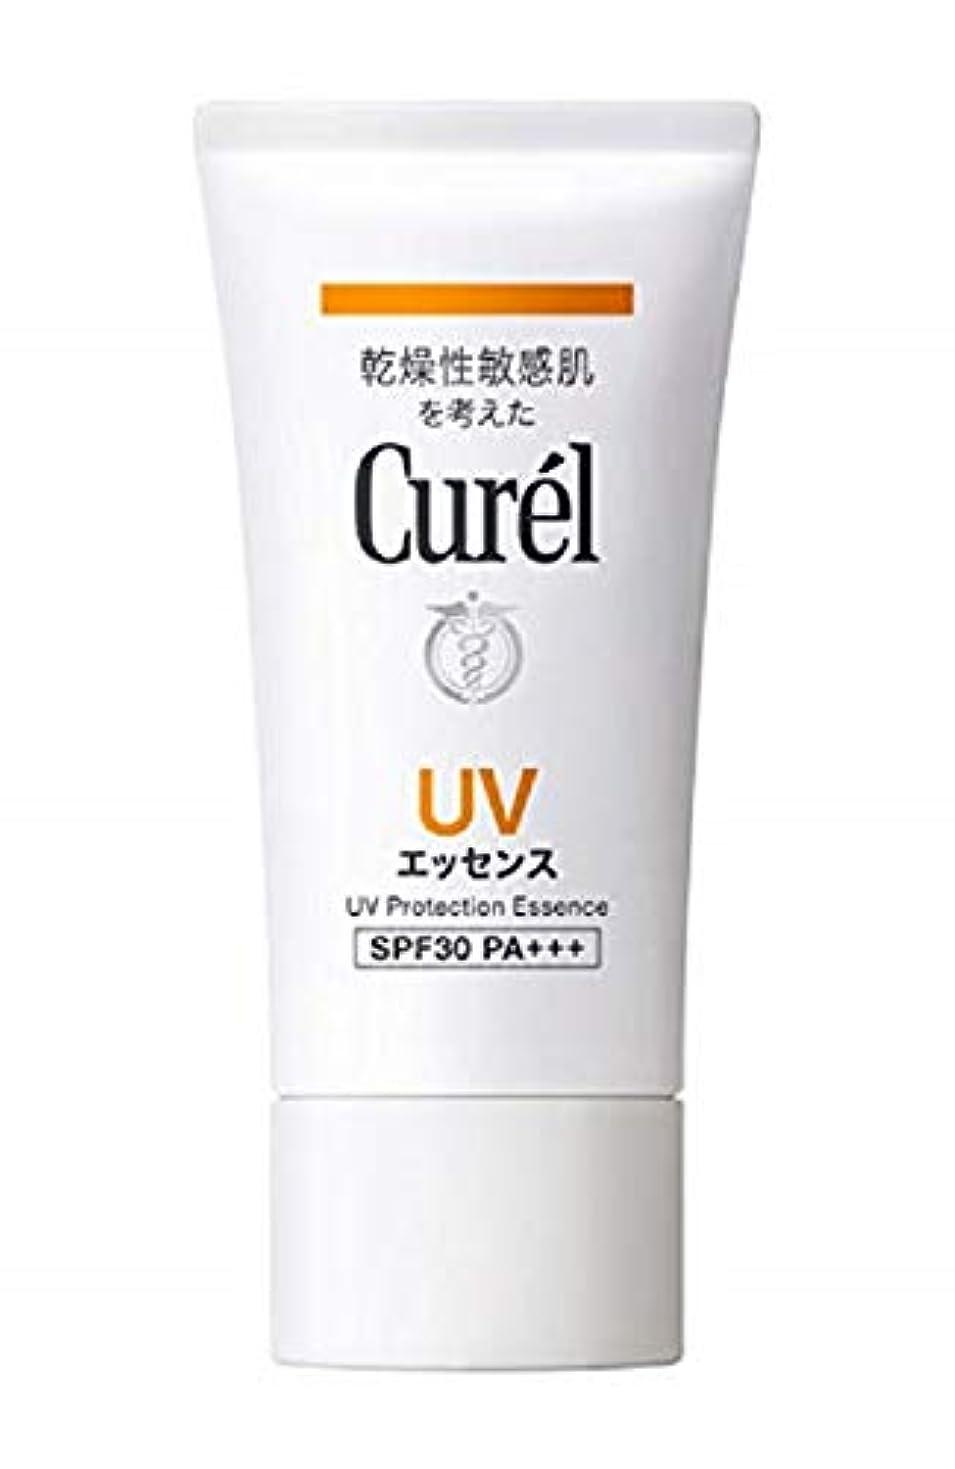 ゴージャス欠点文字Curél 確実毎日紫外線を防ぎ30 PA +++、-spf SPF3050 GキュレルUV保護性質。